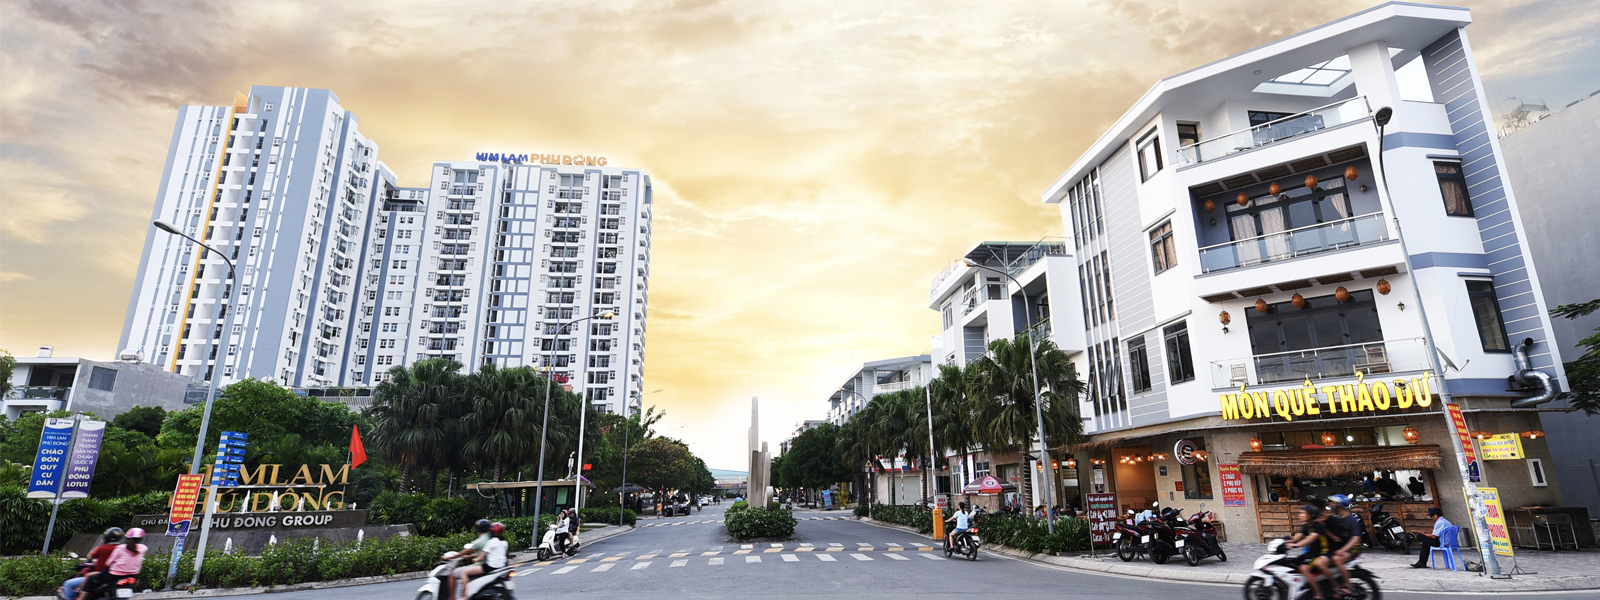 banner-himlmaphudong-new